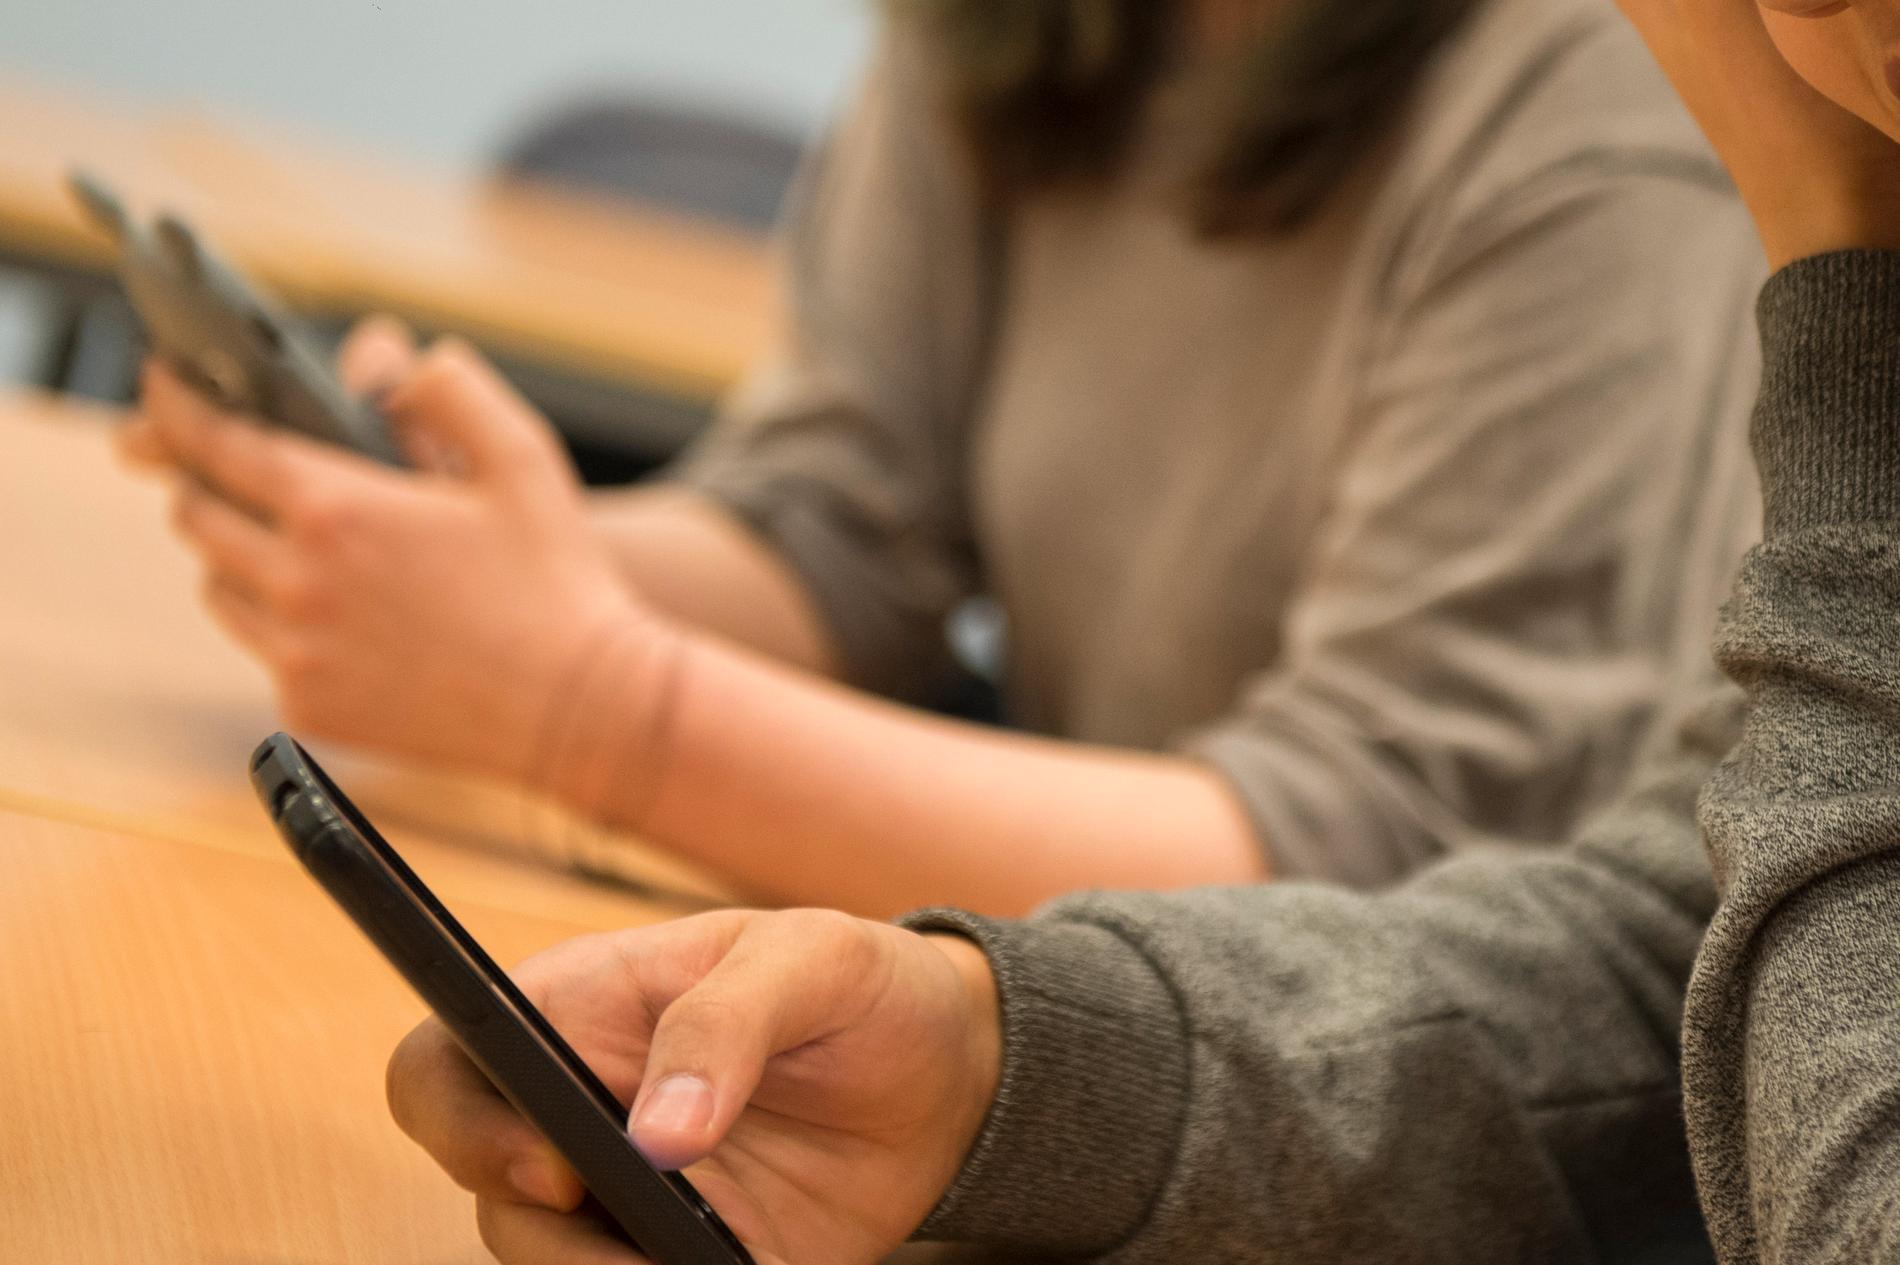 Mobilen i klassrummet är både ett hjälpmedel och ett störningsmoment, enligt eleverna själva. Arkivbild.